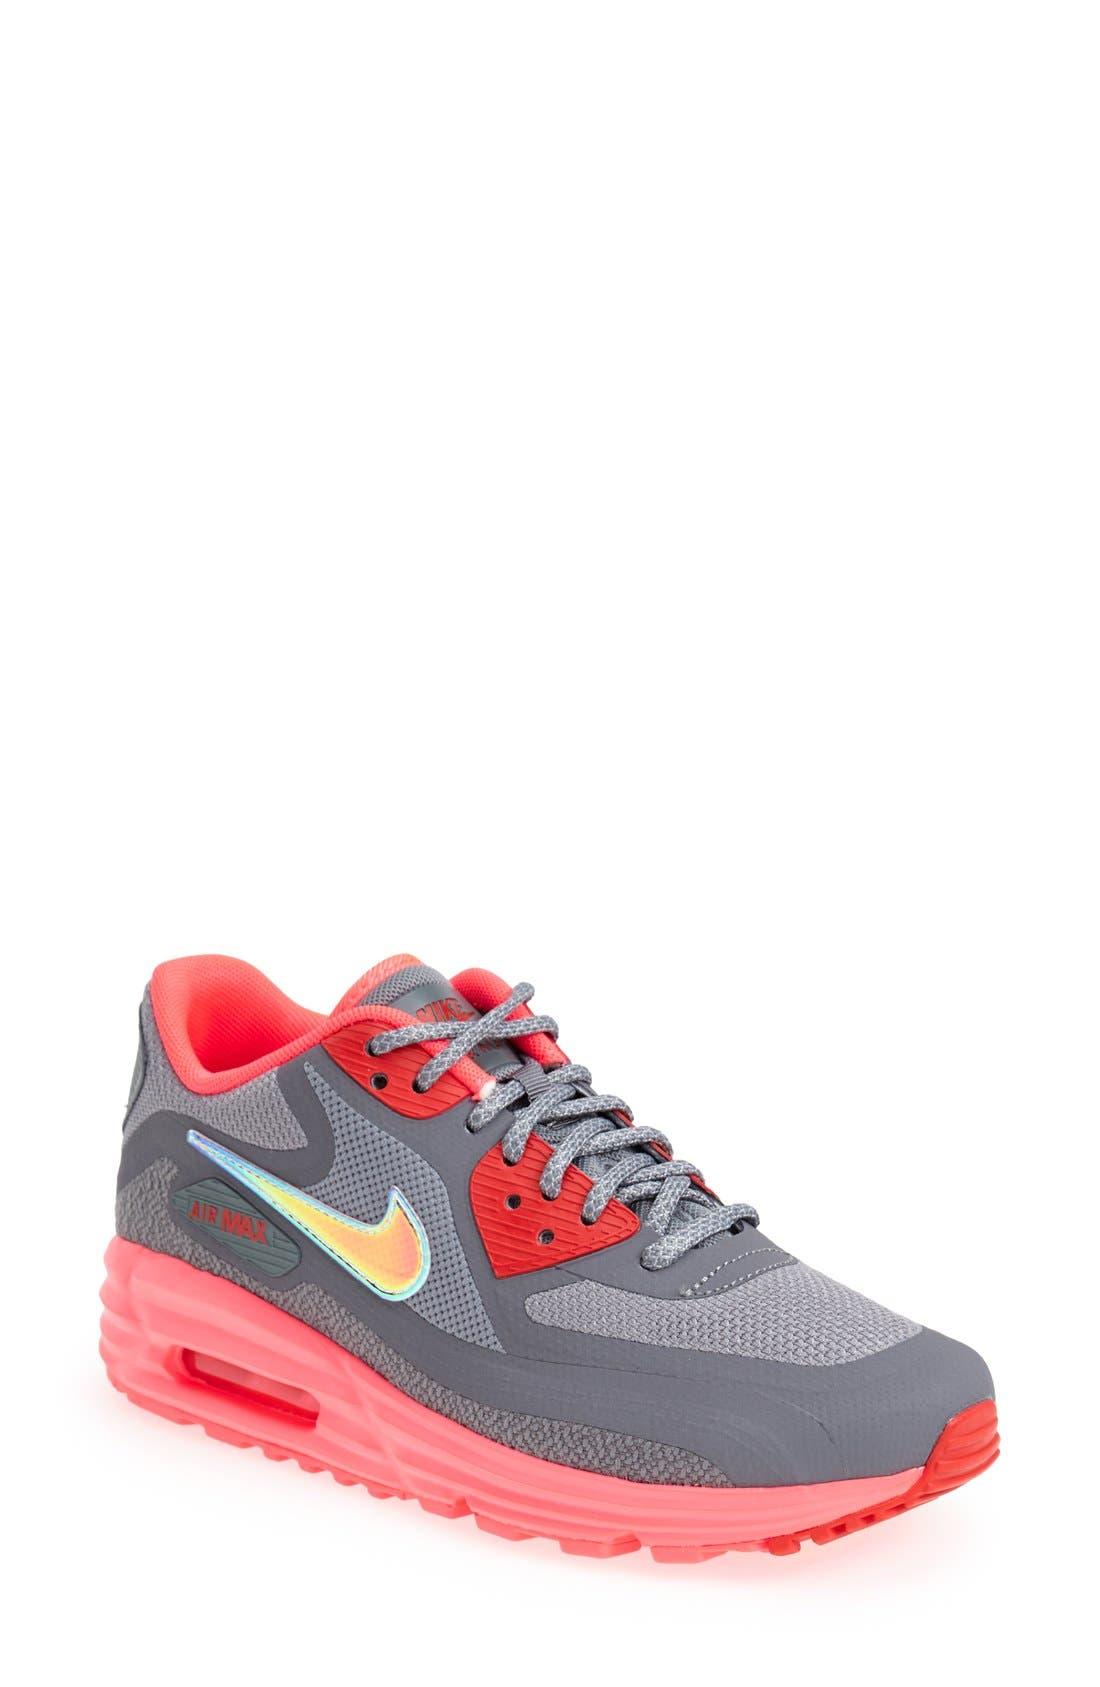 Alternate Image 1 Selected - Nike 'Air Max Lunar 90' Sneaker (Women)